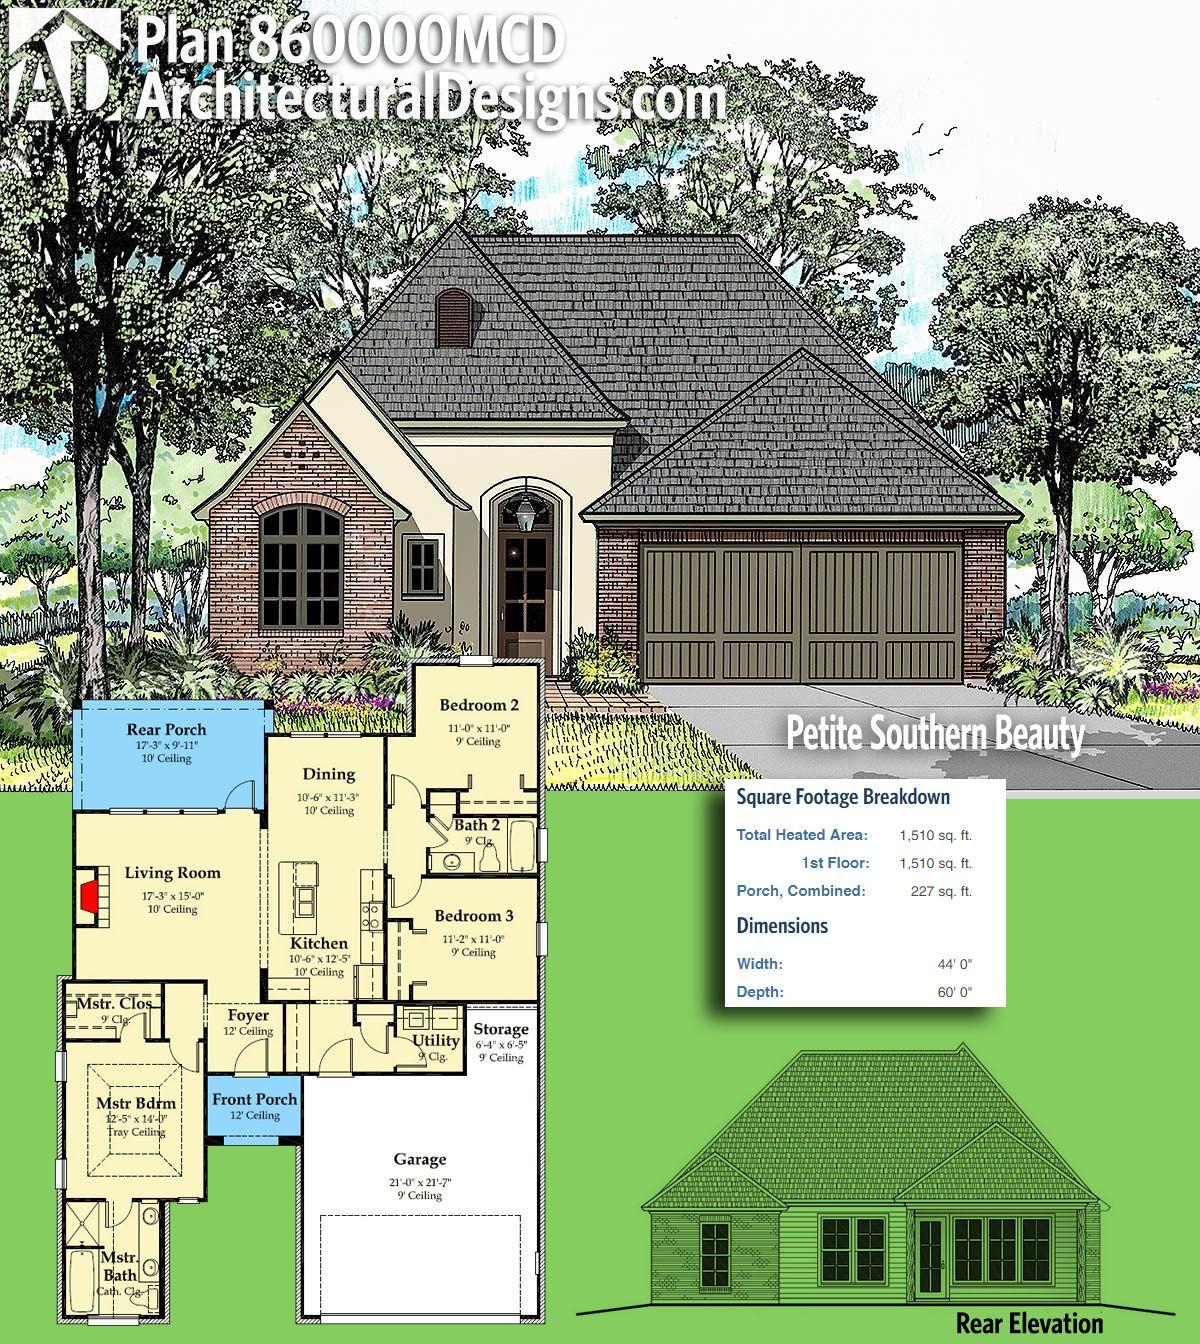 Plan 860000mcd Petite Southern Beauty Farmhouse Plans Southern House Plans Acadian House Plans